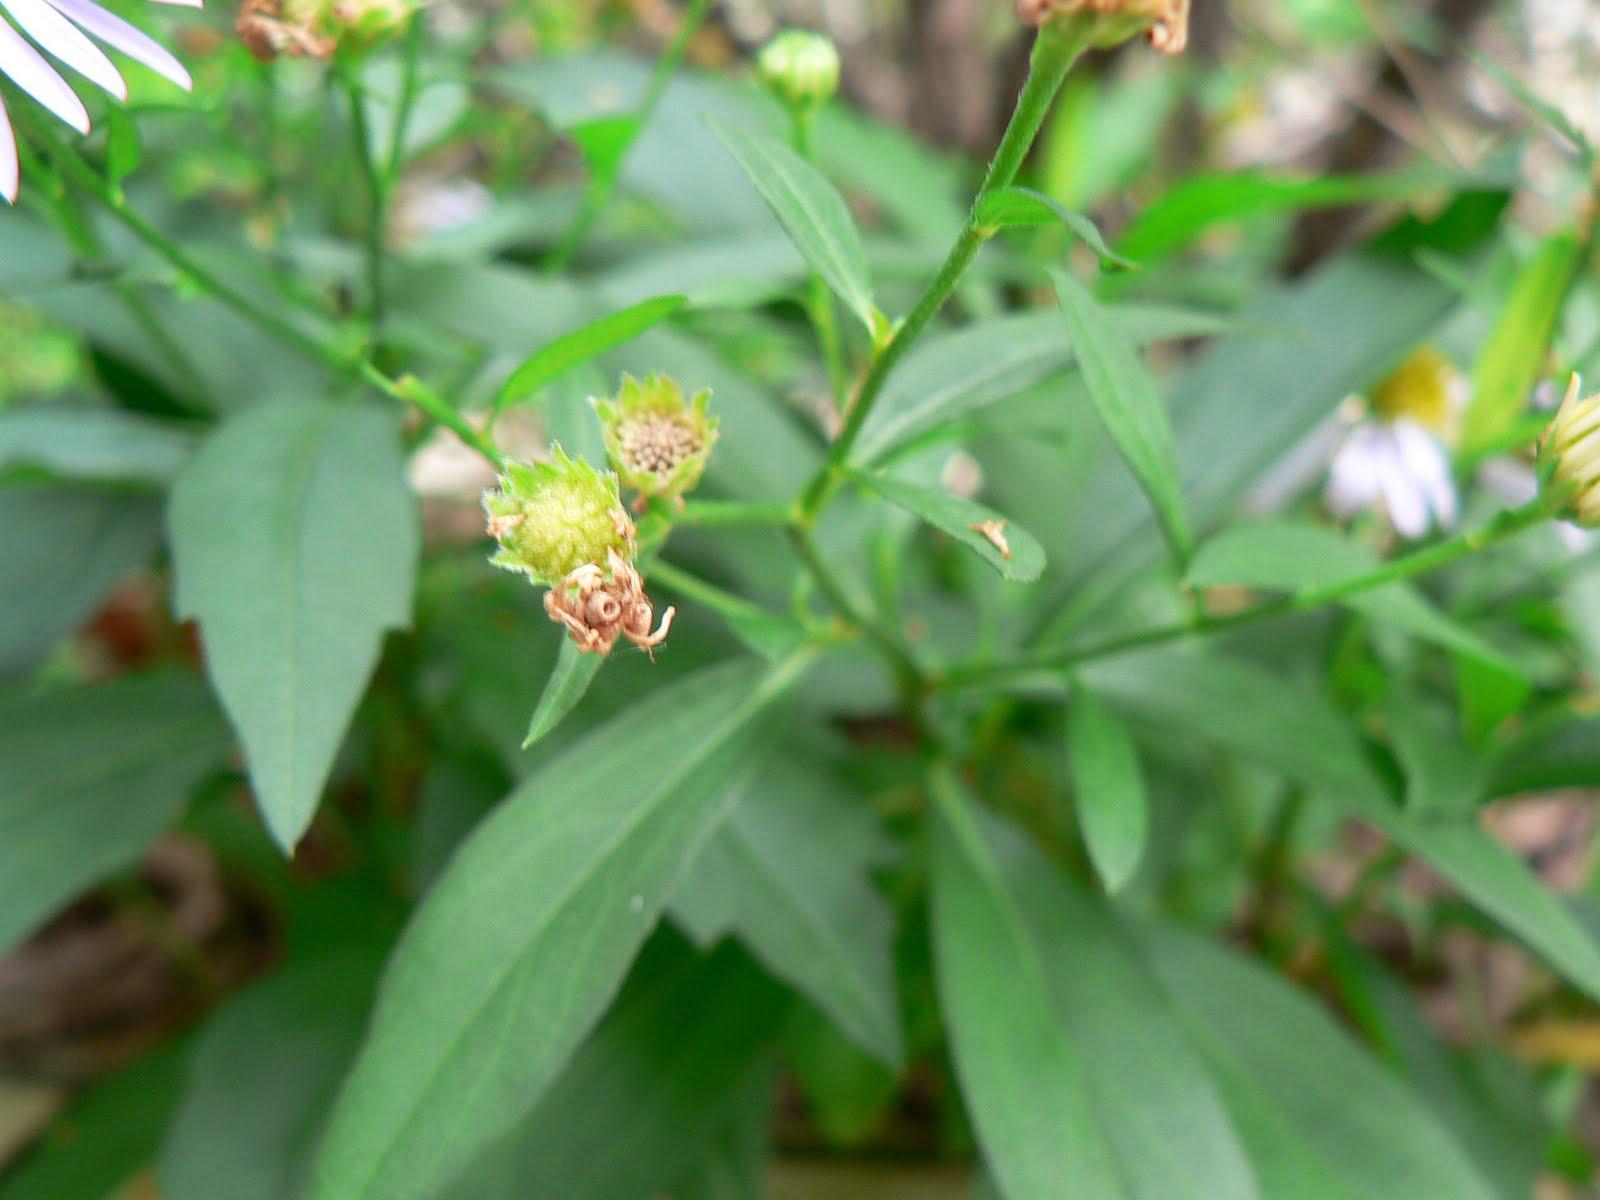 師大附中校園生物資訊網: 野生植物-雙子葉-菊科-雞兒腸